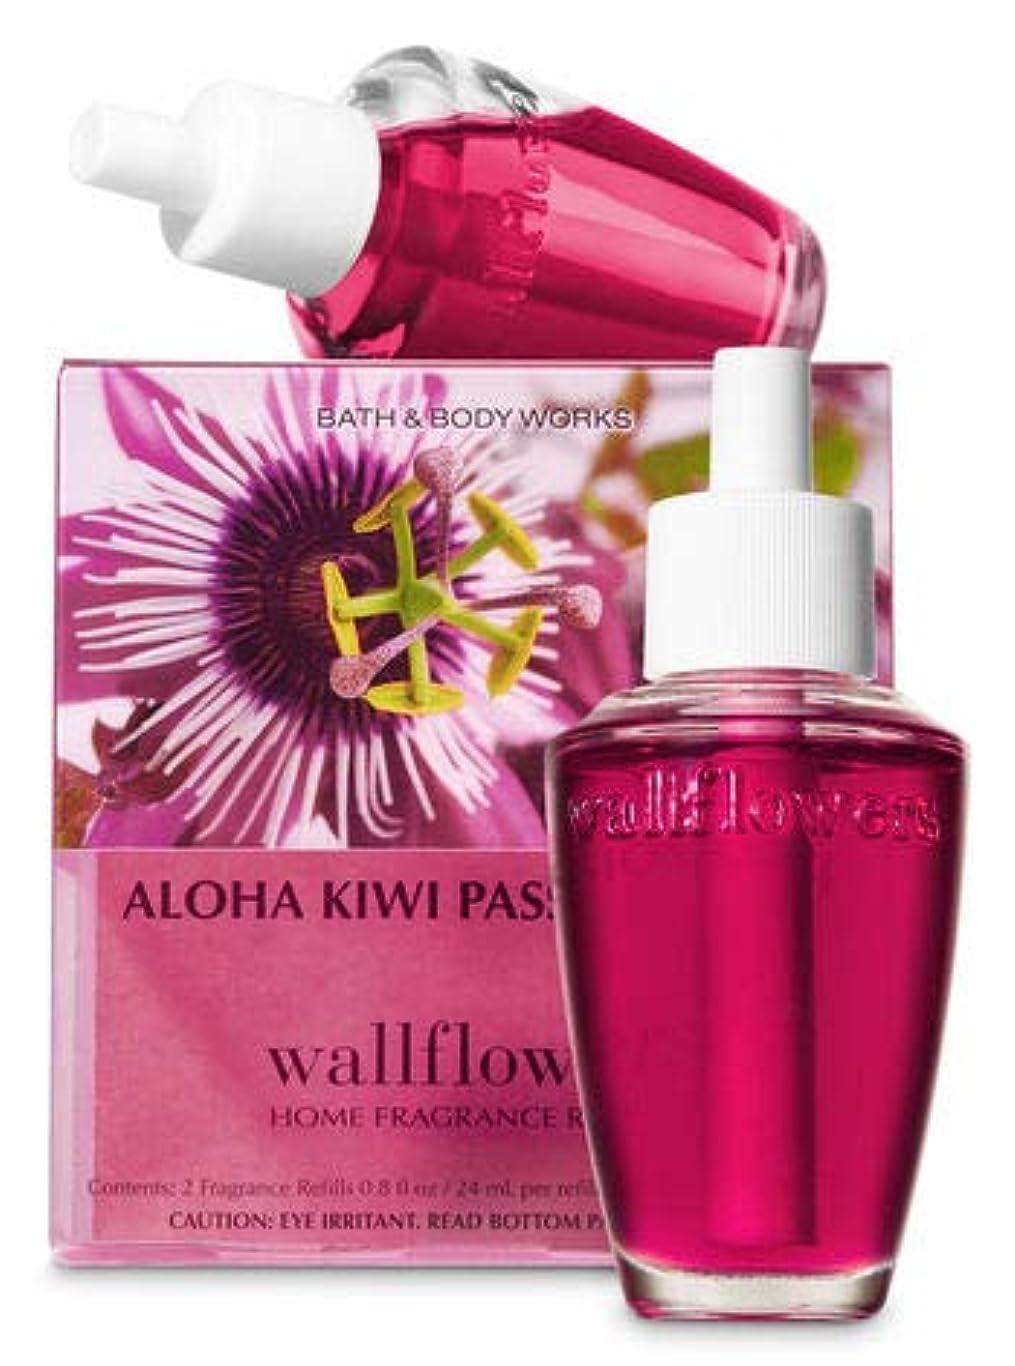 黒板したいマトロン【Bath&Body Works/バス&ボディワークス】 ルームフレグランス 詰替えリフィル(2個入り) アロハキウイパッションフルーツ Wallflowers Home Fragrance 2-Pack Refills Aloha Kiwi Passionfruit [並行輸入品]